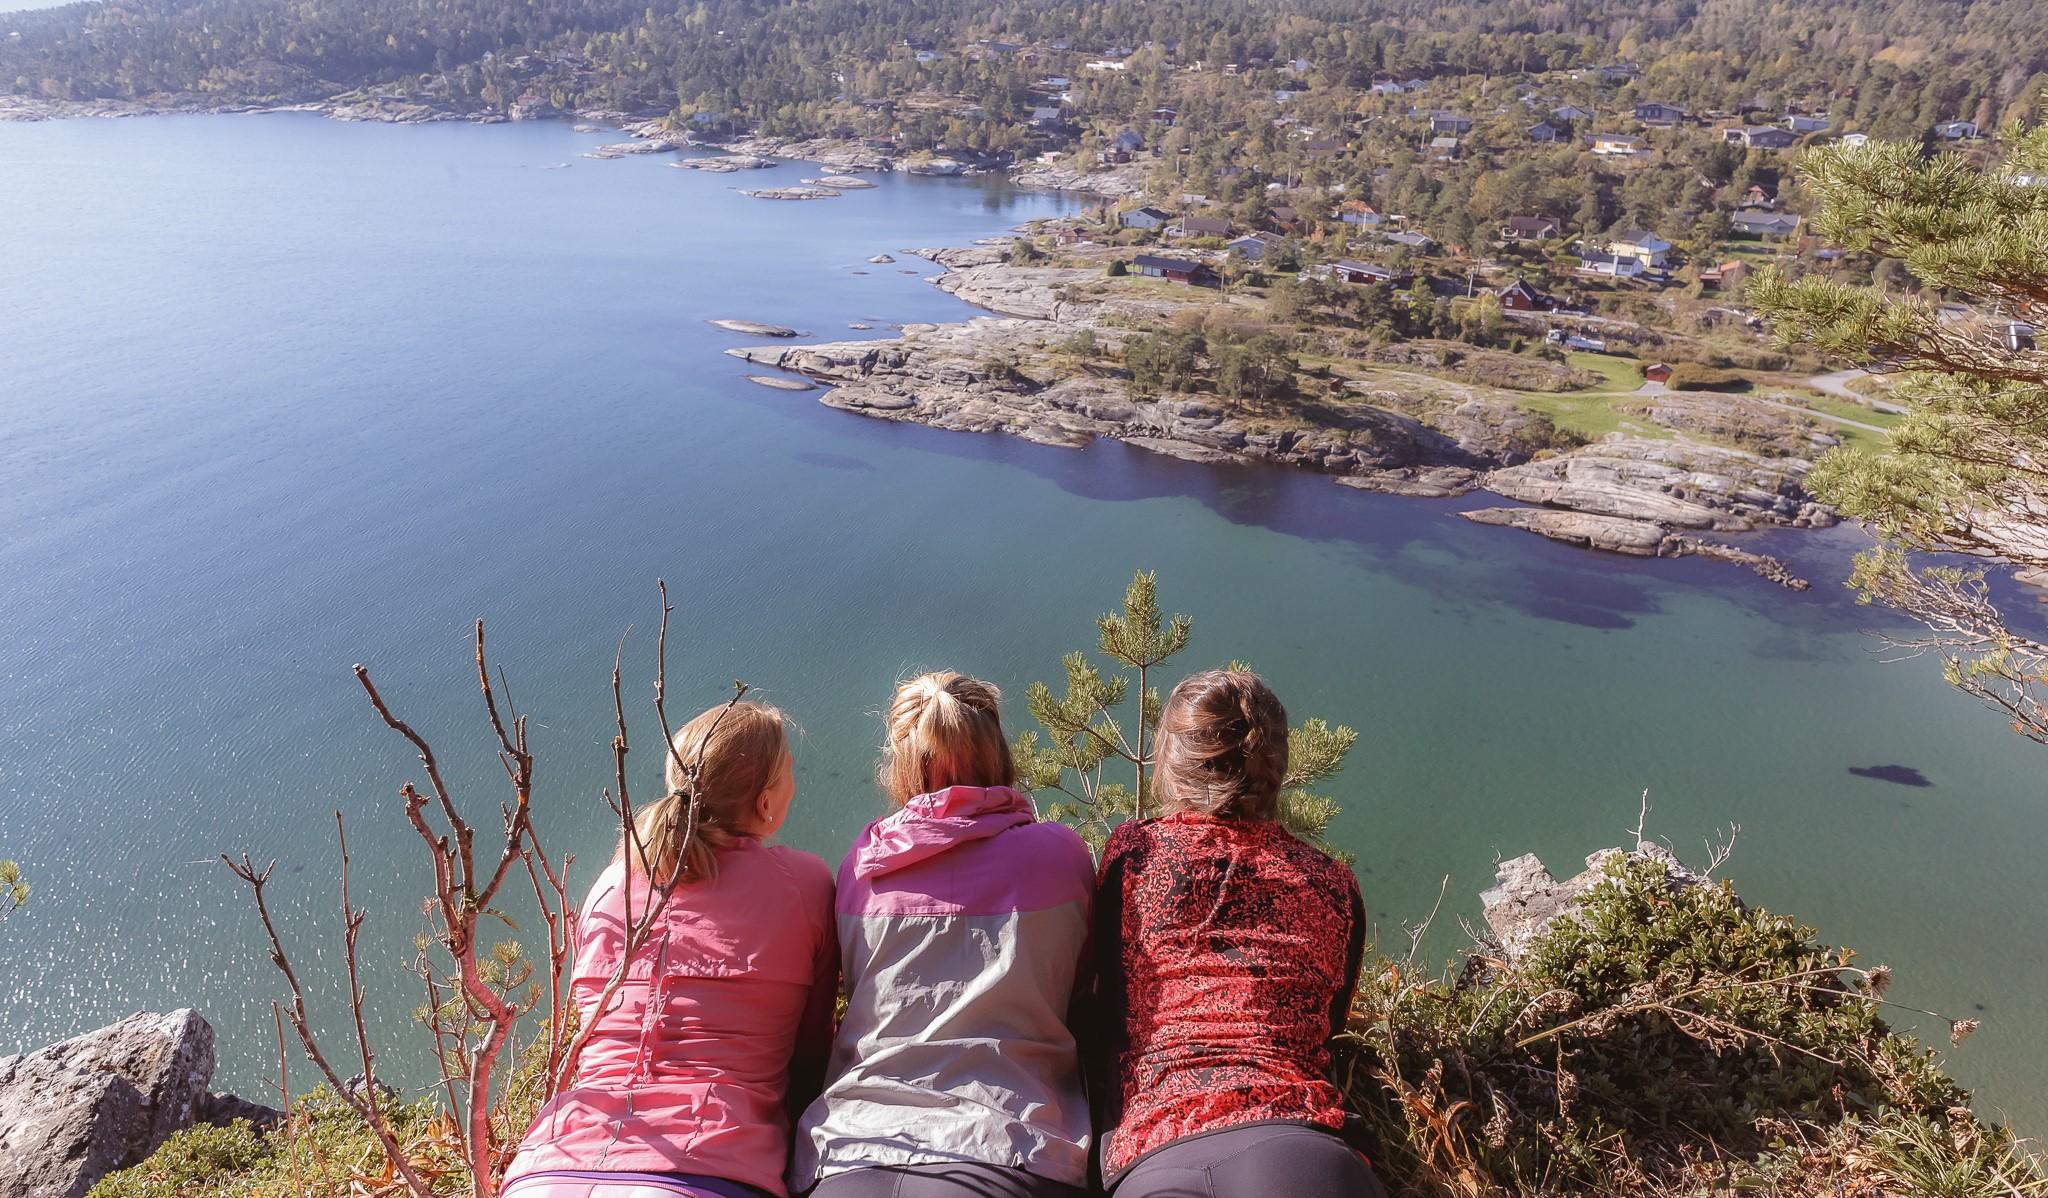 Utsikt over Rognstranda. Fint utsiktspunkt fra kyststien